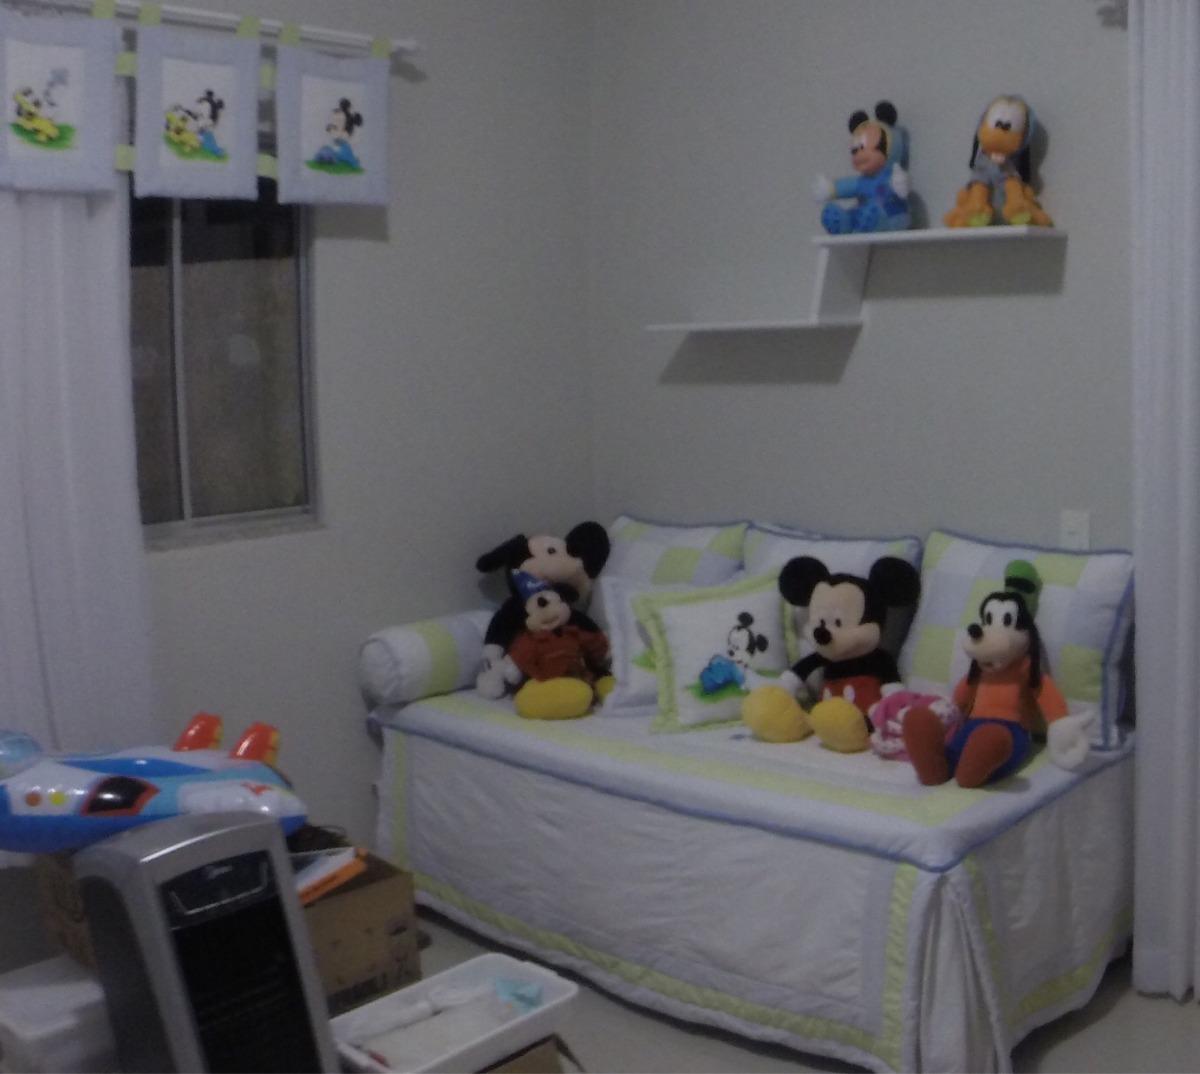 Colcha para cama box estilo sof infantil mickey r 165 00 em mercado livre - Sofas cama infantiles ...